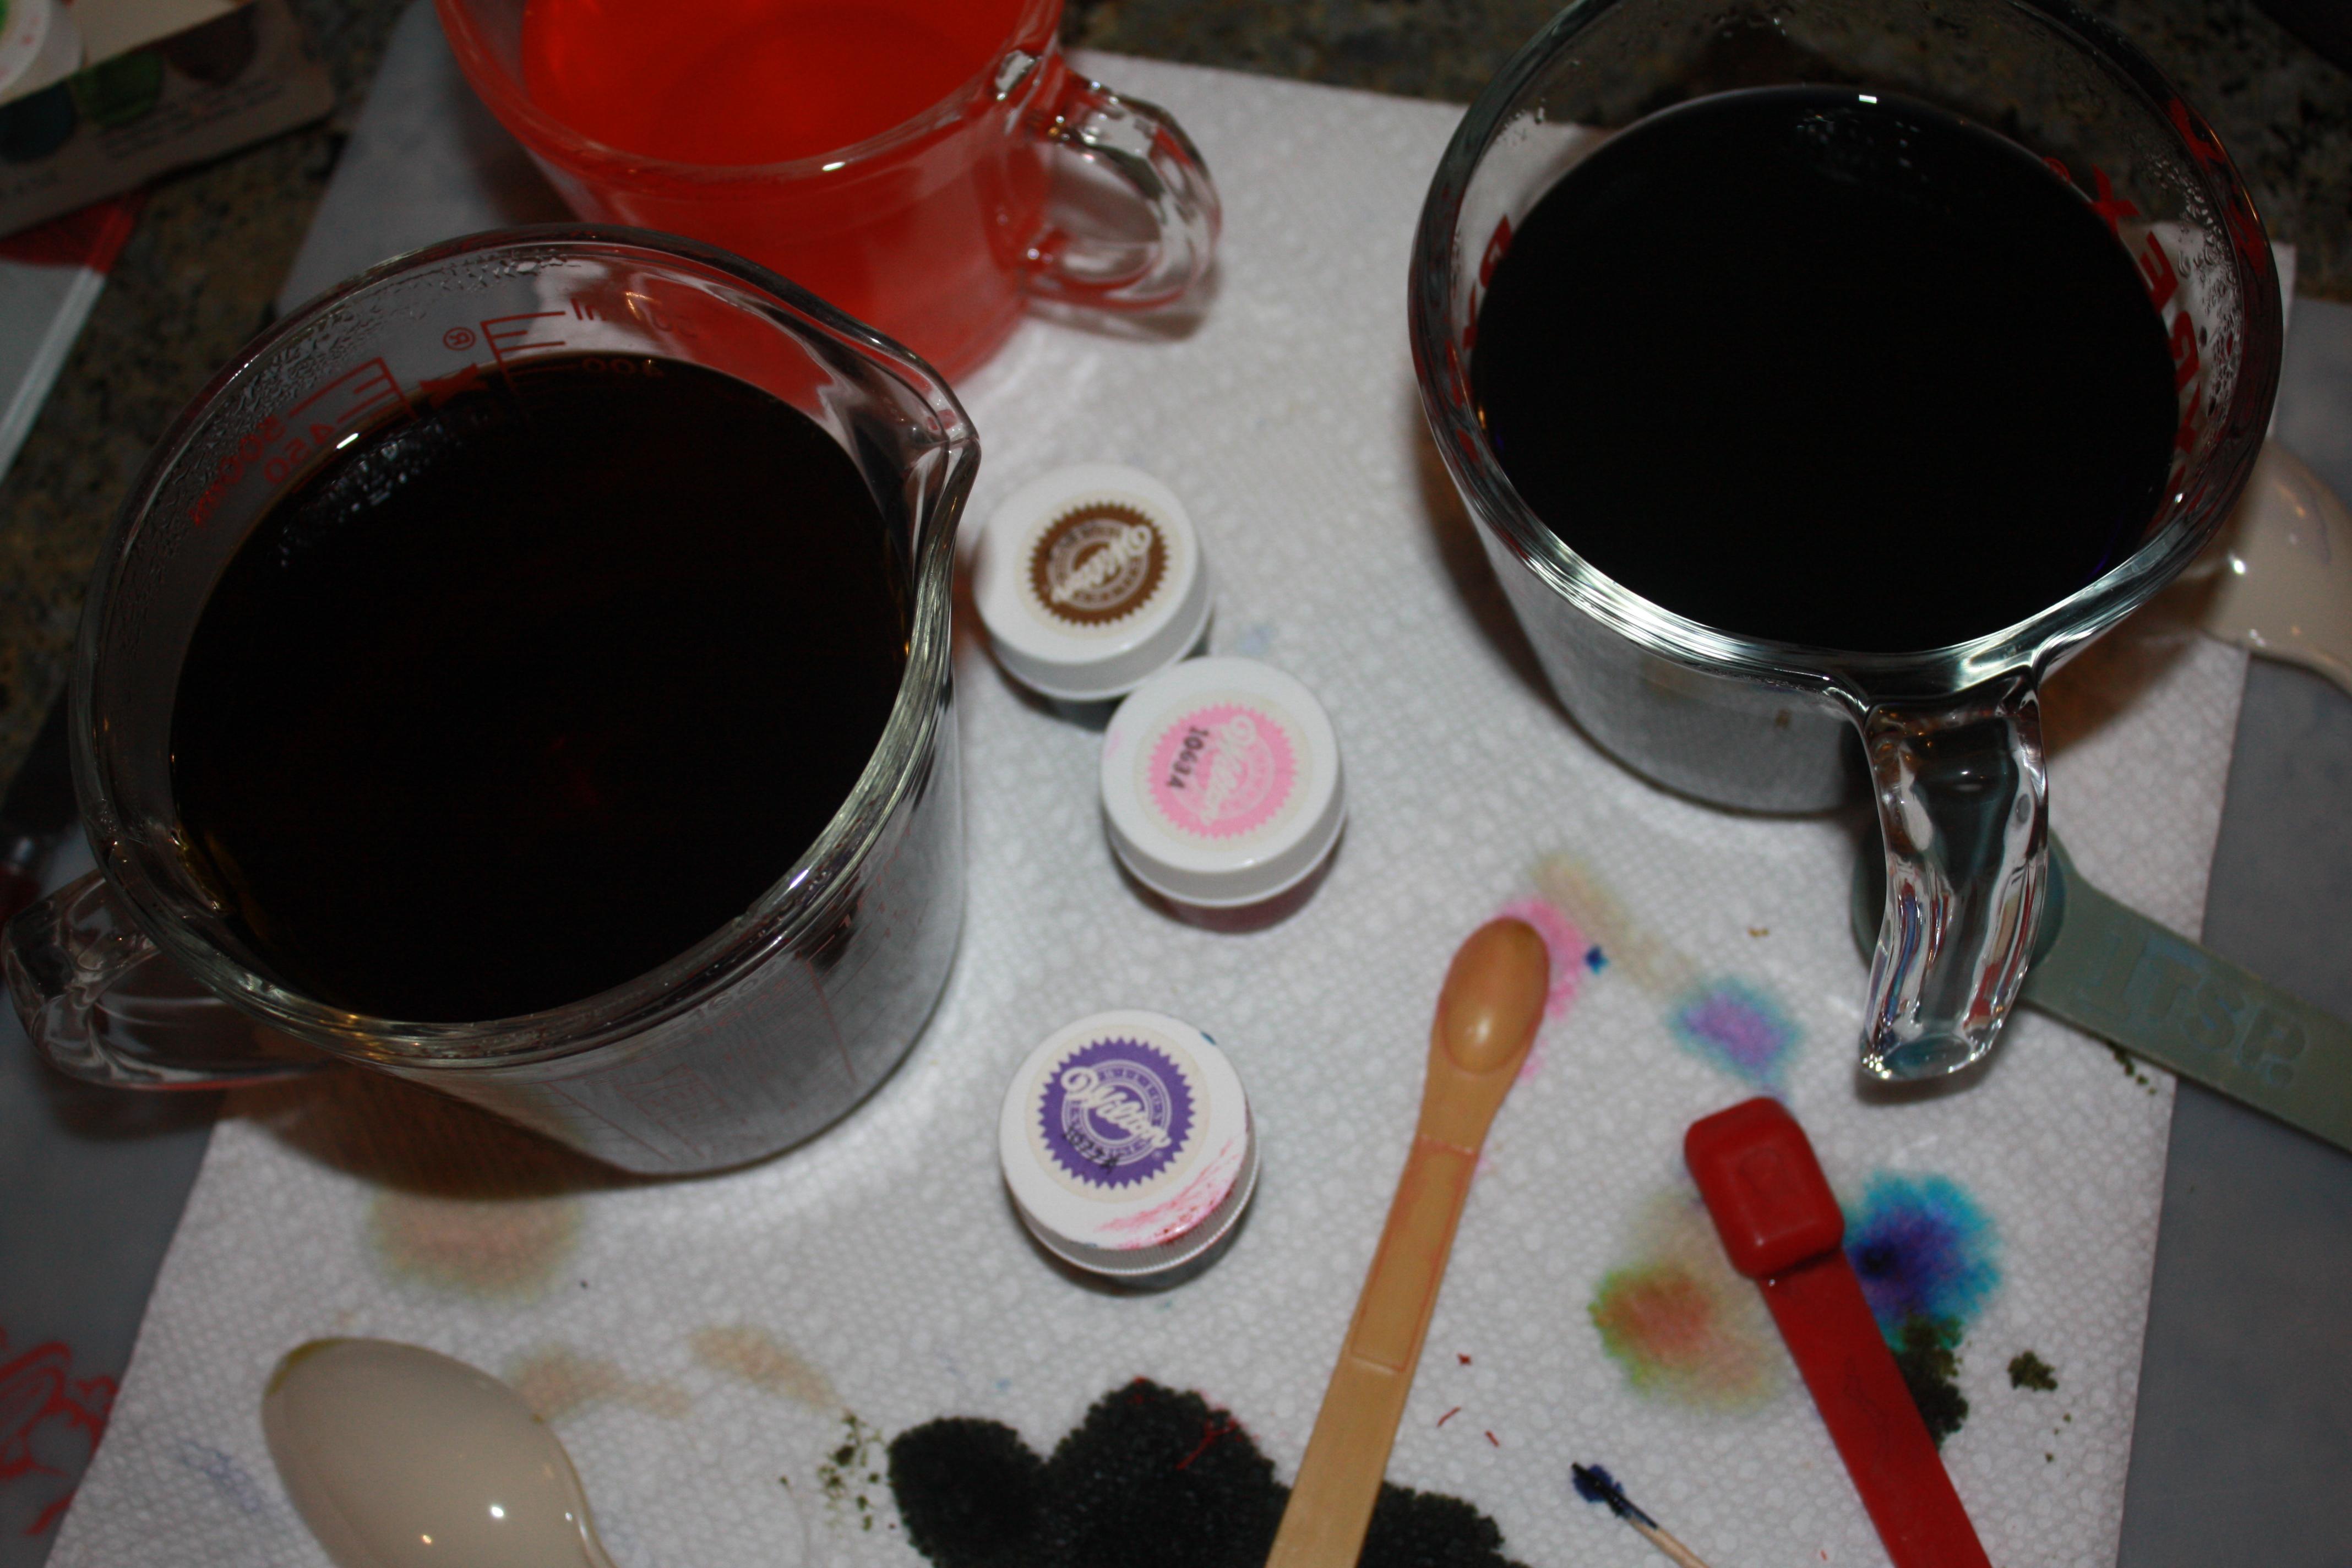 Kool-aid dye – Curls and Q